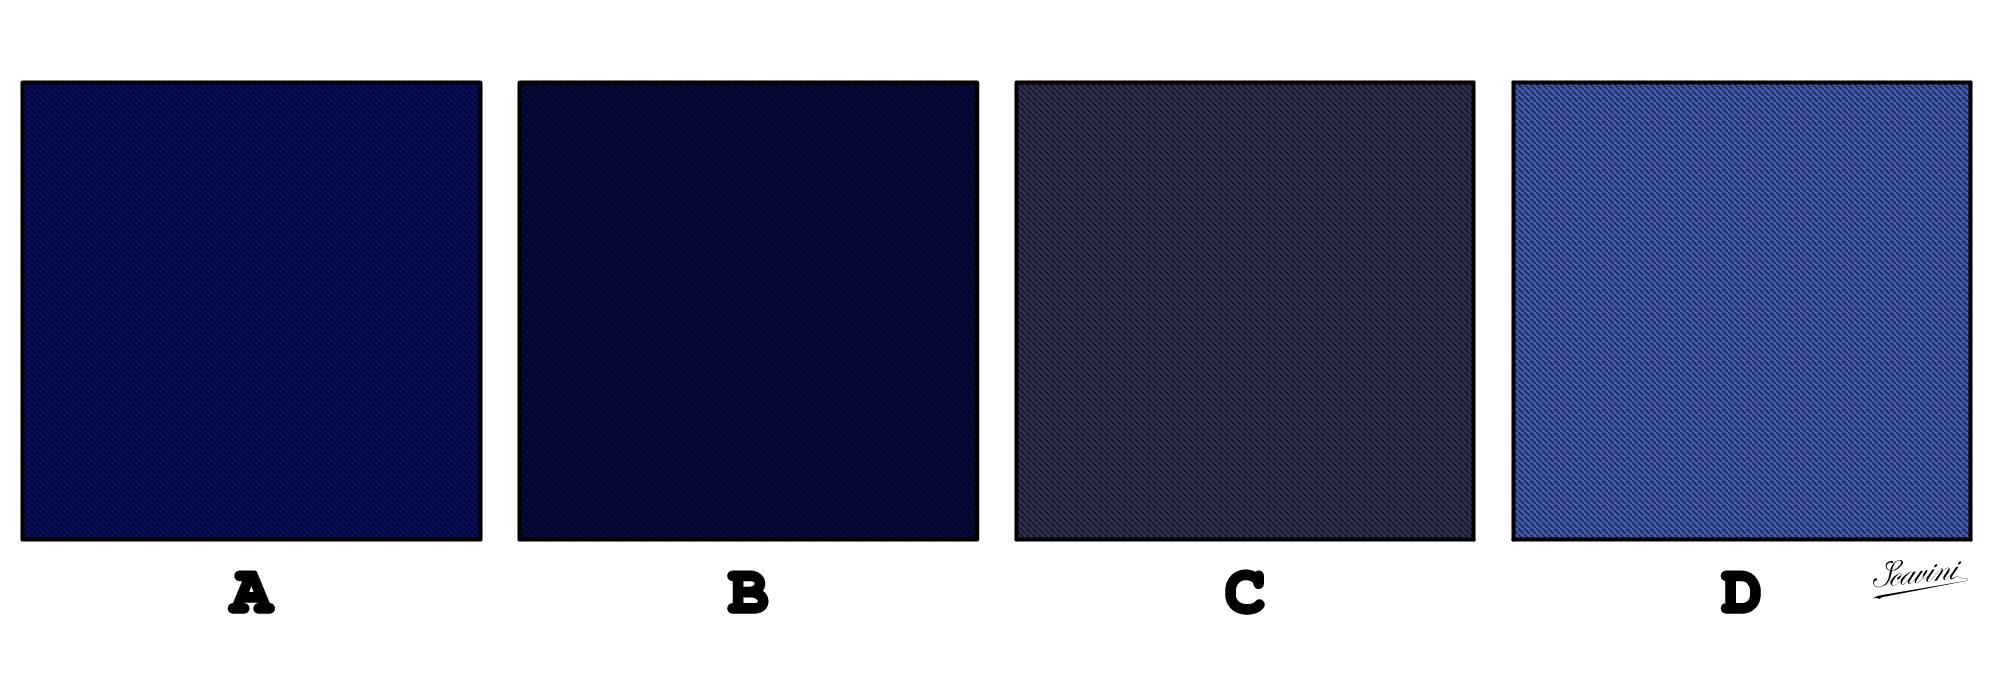 Folie bleue stiff collar - La couleur bleue ou bleu ...